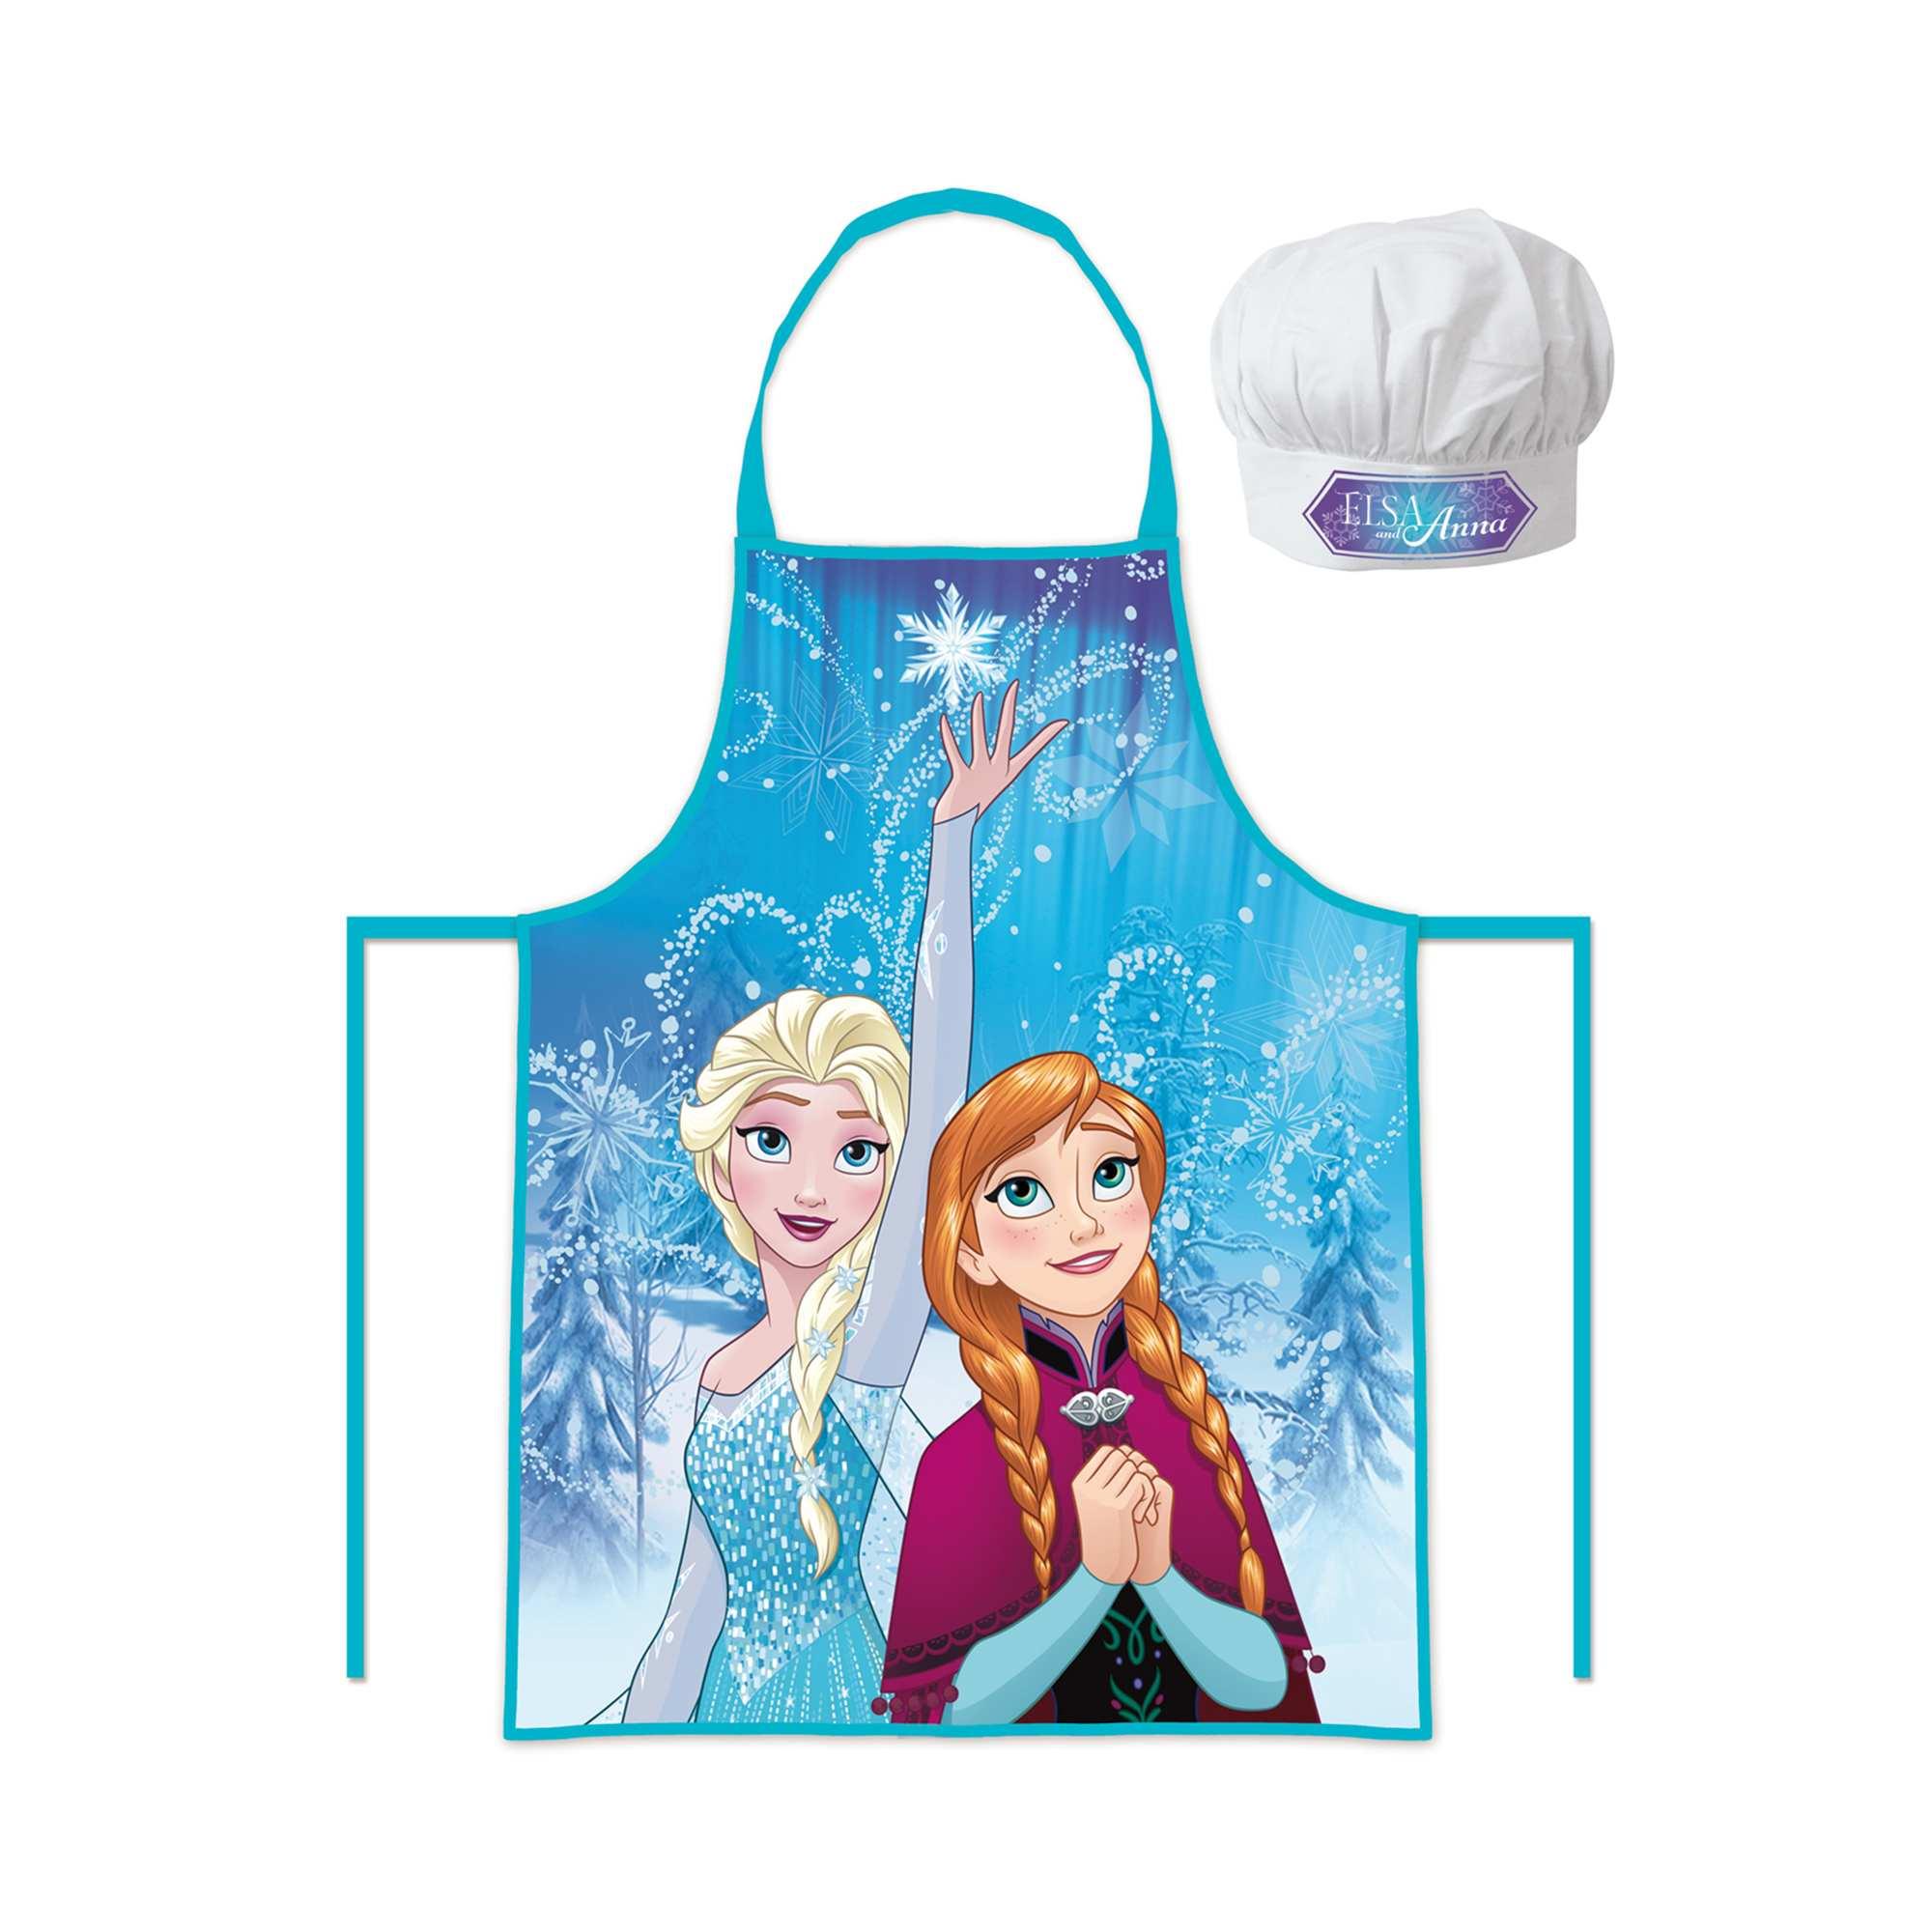 Couleur : bleu, , ,, - Taille : TU, , ,,Cuisine des petits plats magiques ! - Lot tablier + toque 'Disney' - Imprimé 'La